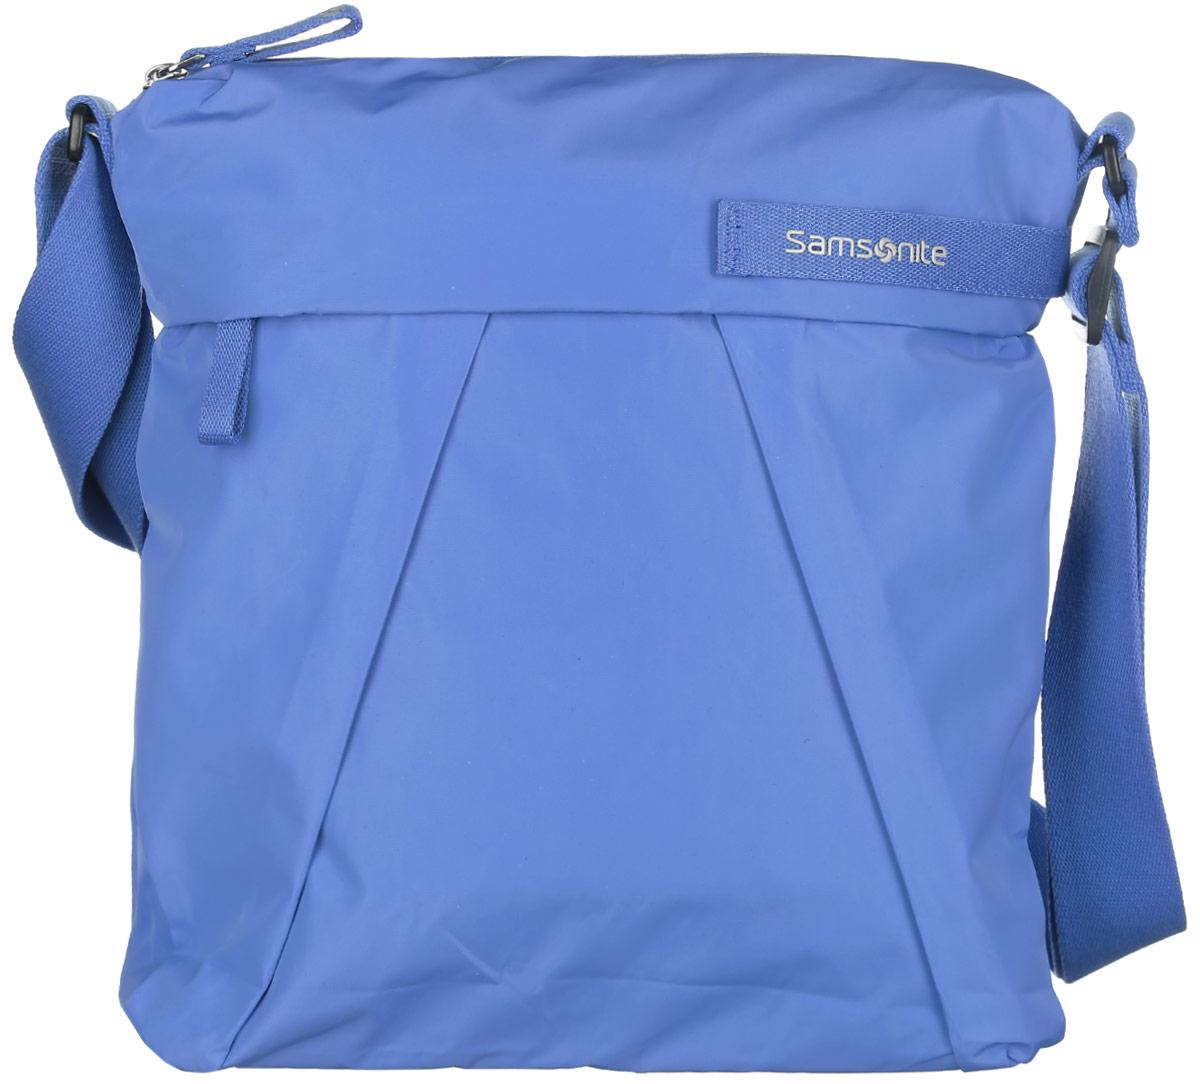 Сумка женская Samsonite, цвет: голубой. 51V-5100551V-51005Стильная и практичная женская сумка Samsonite выполнена из полиэстера, оформлена декоративными складками и логотипом бренда. Изделие состоит из одного отделения и закрывается на застежку-молнию. Внутри расположен врезной карман на молнии, нашивной карман и боковой открытый карман с уплотненной стенкой. Снаружи, на передней стенке расположен прорезной карман на молнии, а на задней стенке - прорезной кармана на липучке. Сумка оснащена несъёмным текстильным плечевым ремнем, регулируемой длины. Стильная сумка позволит вам завершить образ.